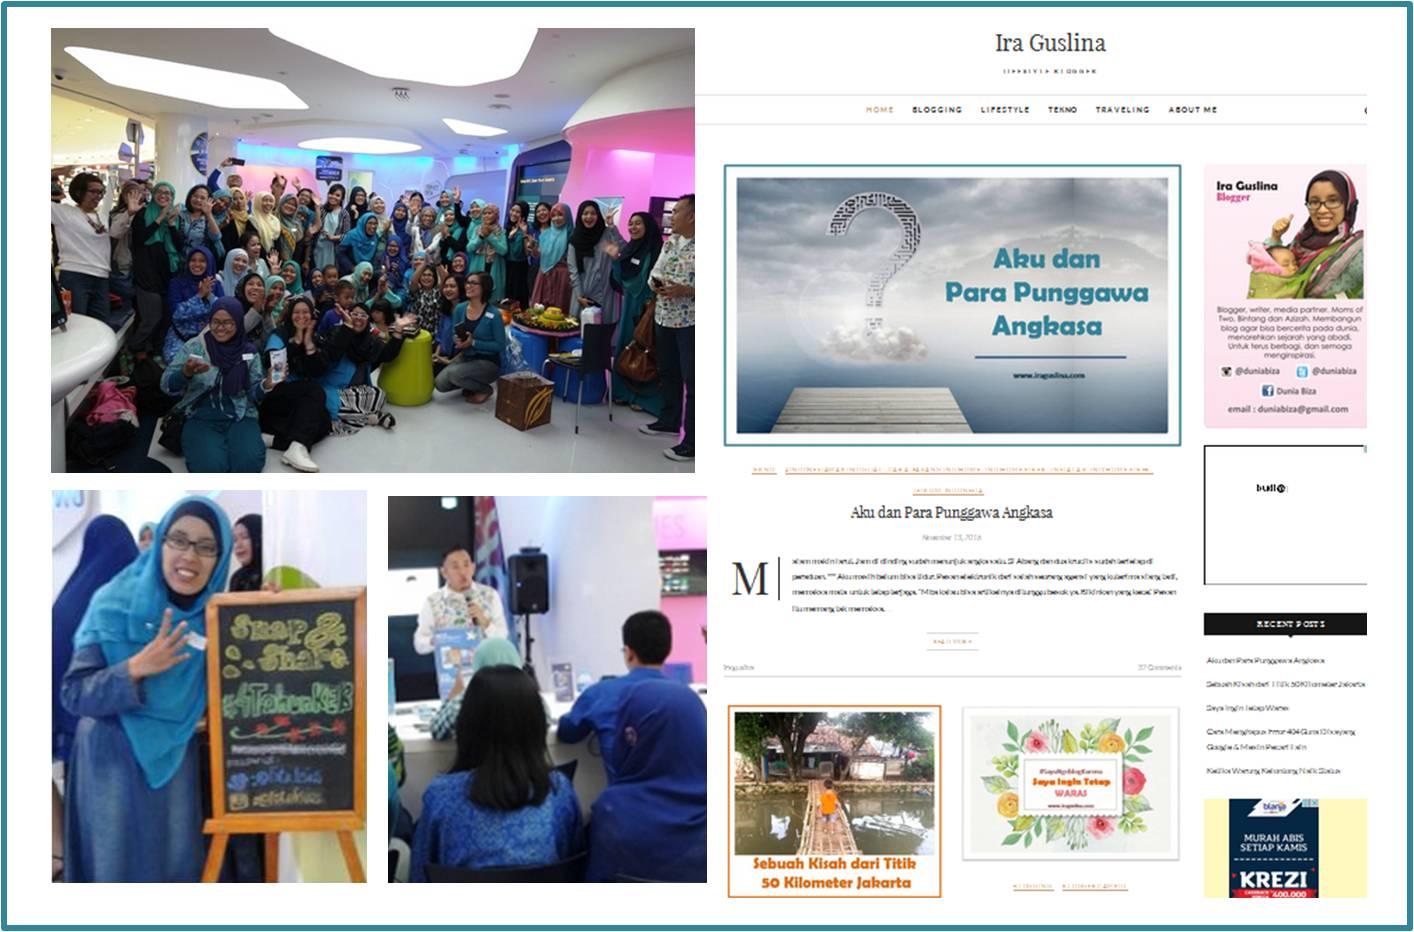 Blog Iraguslina.com, hadiah dari DotComForMe saat Arisan Ilmu KEB